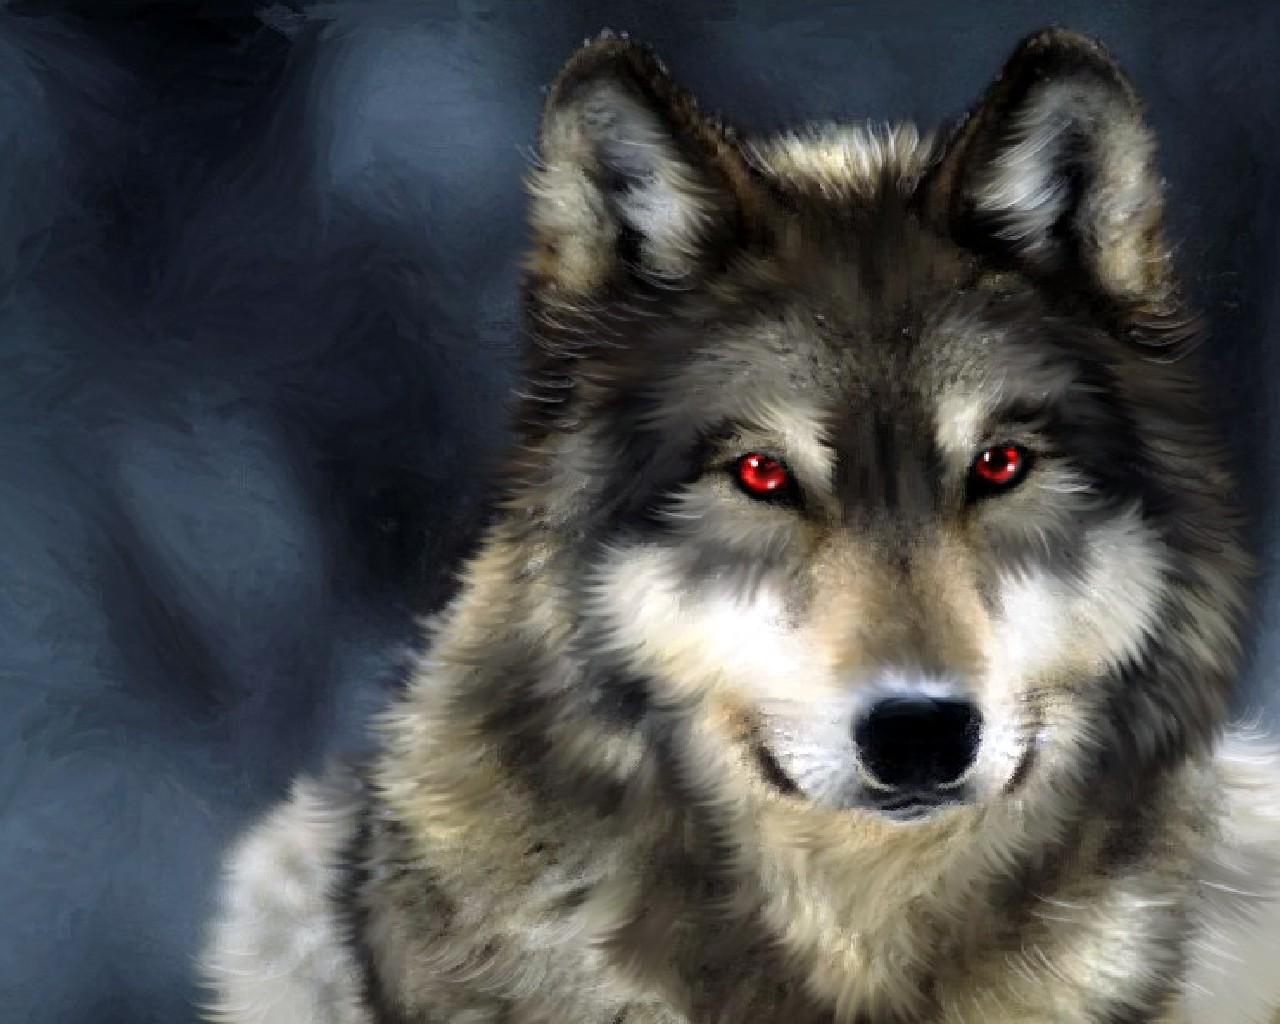 Wallpaper, фото, скачать, волк, обои для рабочего стола